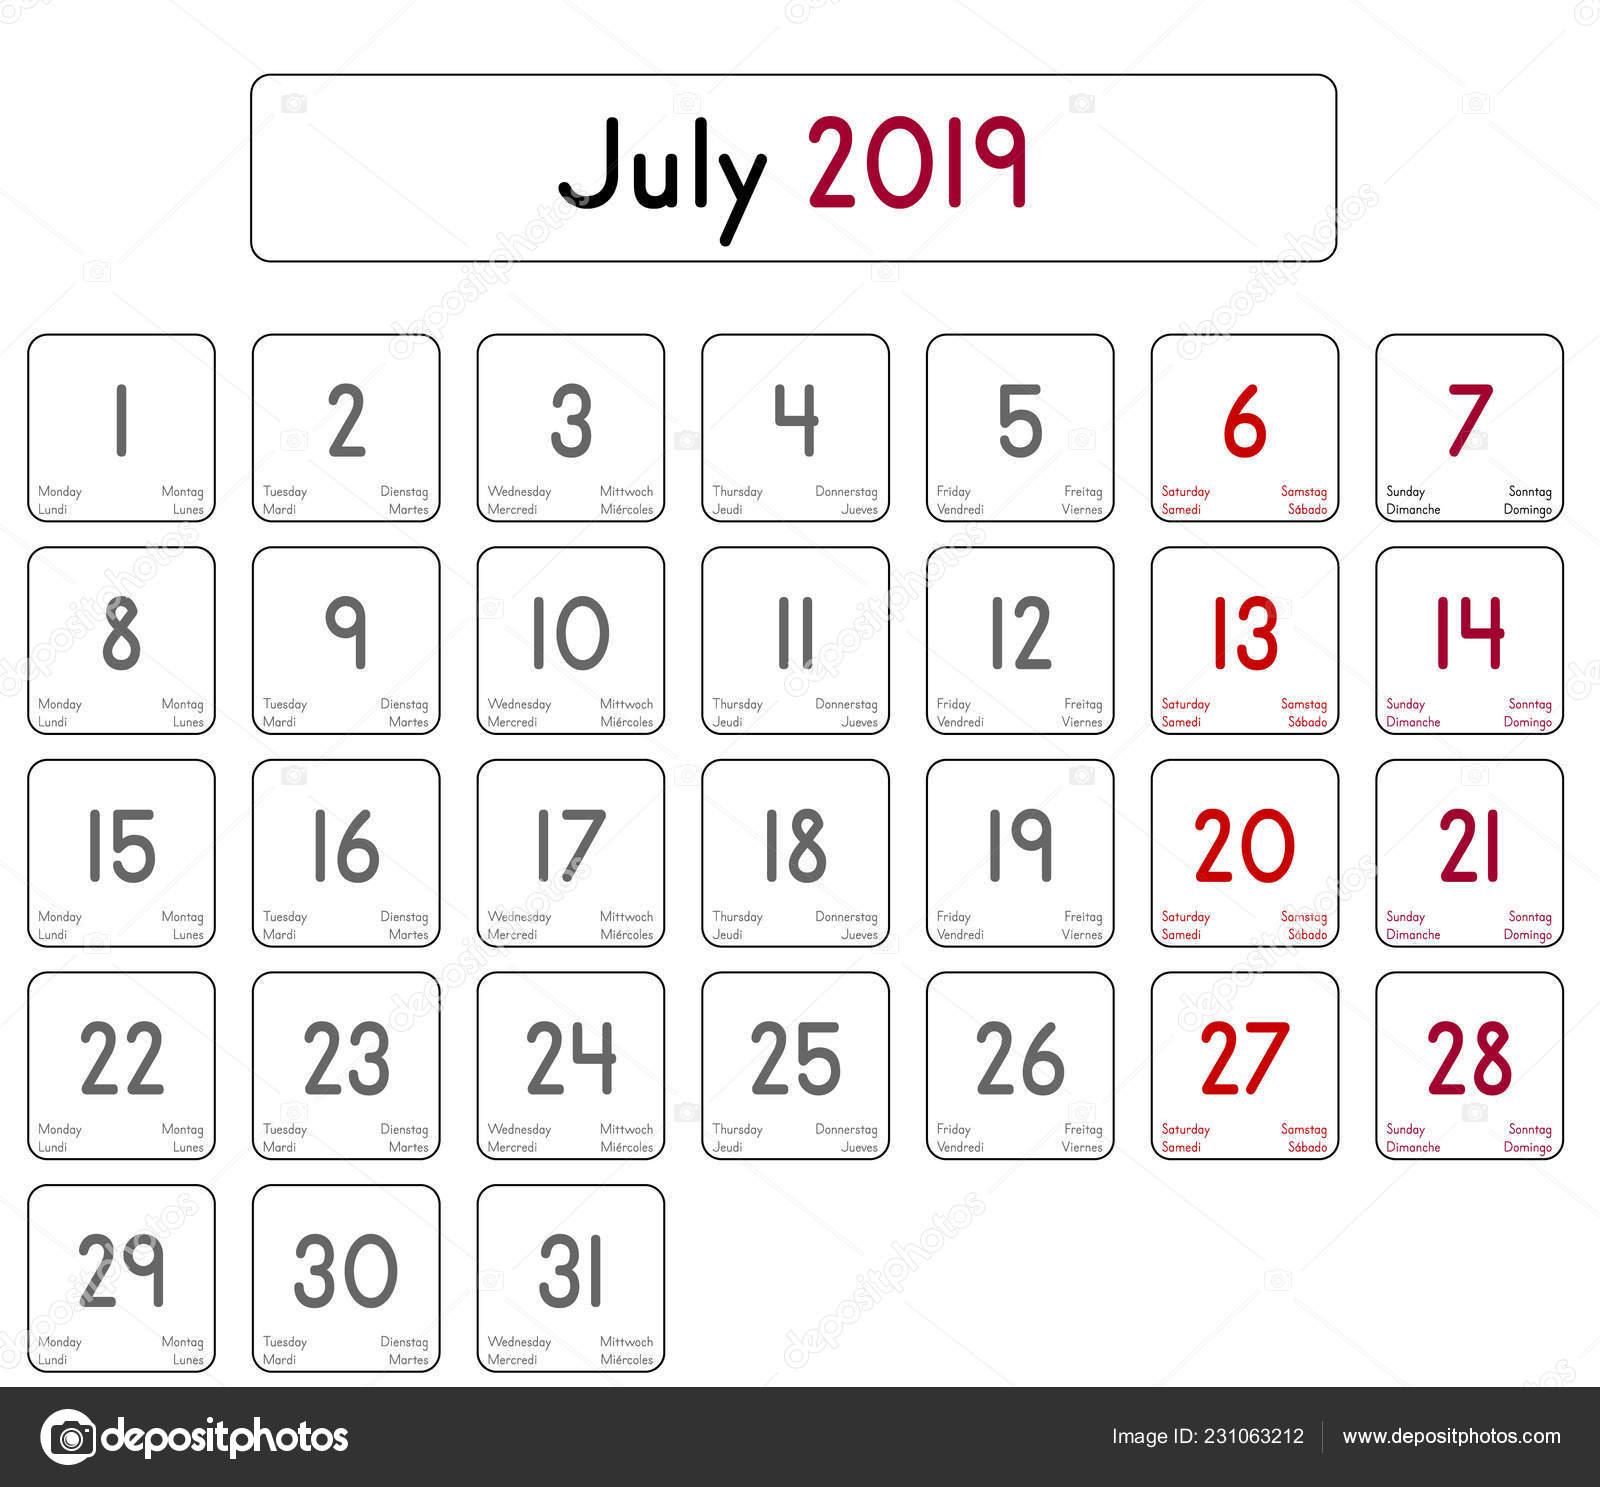 Mes De Julio Calendario.Detallado Calendario Diario Del Mes Julio 2019 Vector De